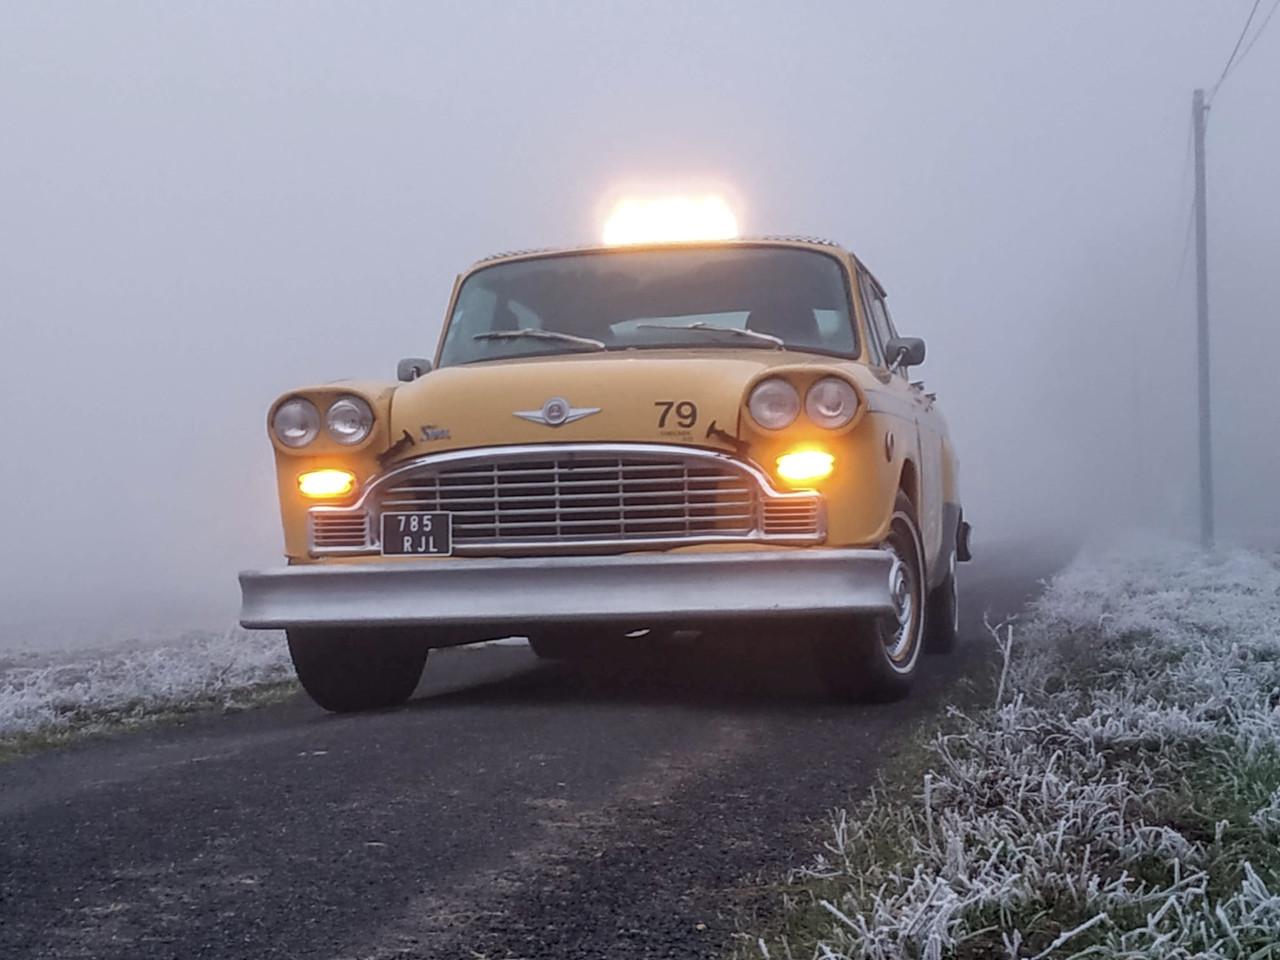 taxi new-yorkais dans brouillards hiver taxi signe sur le toit allumé veilleuses jaunes allumées